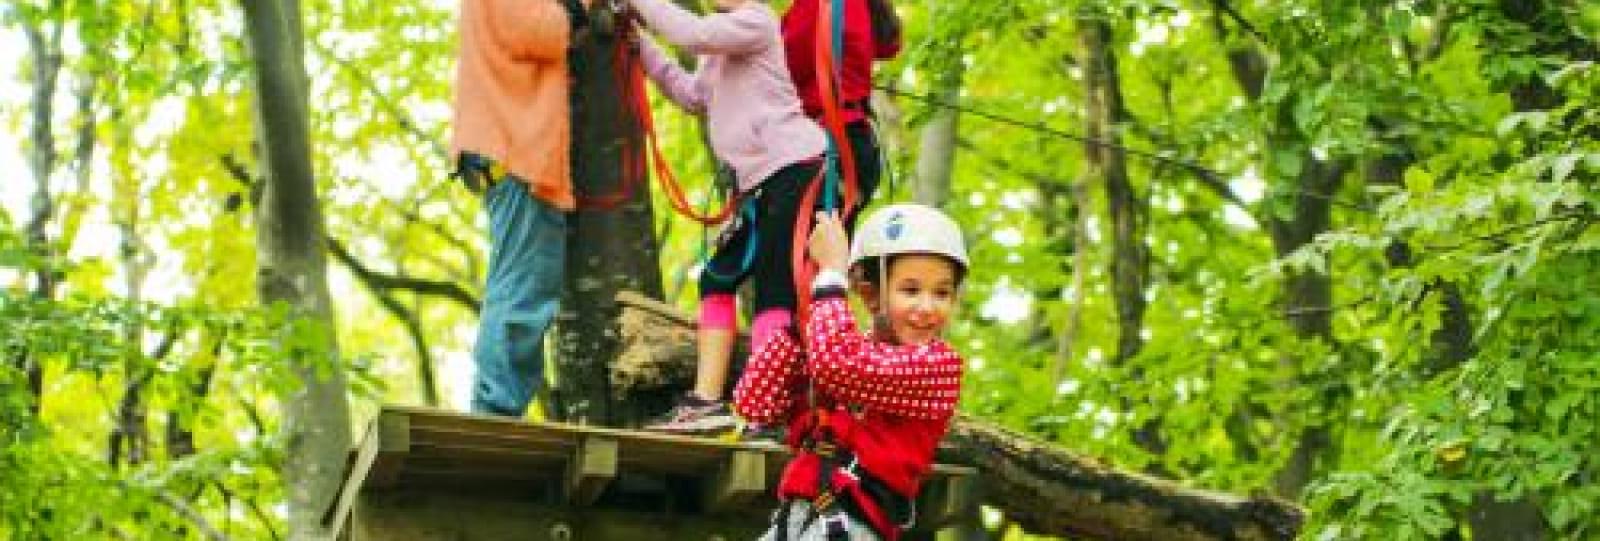 Parcours d'aventure La Forêt de Robin